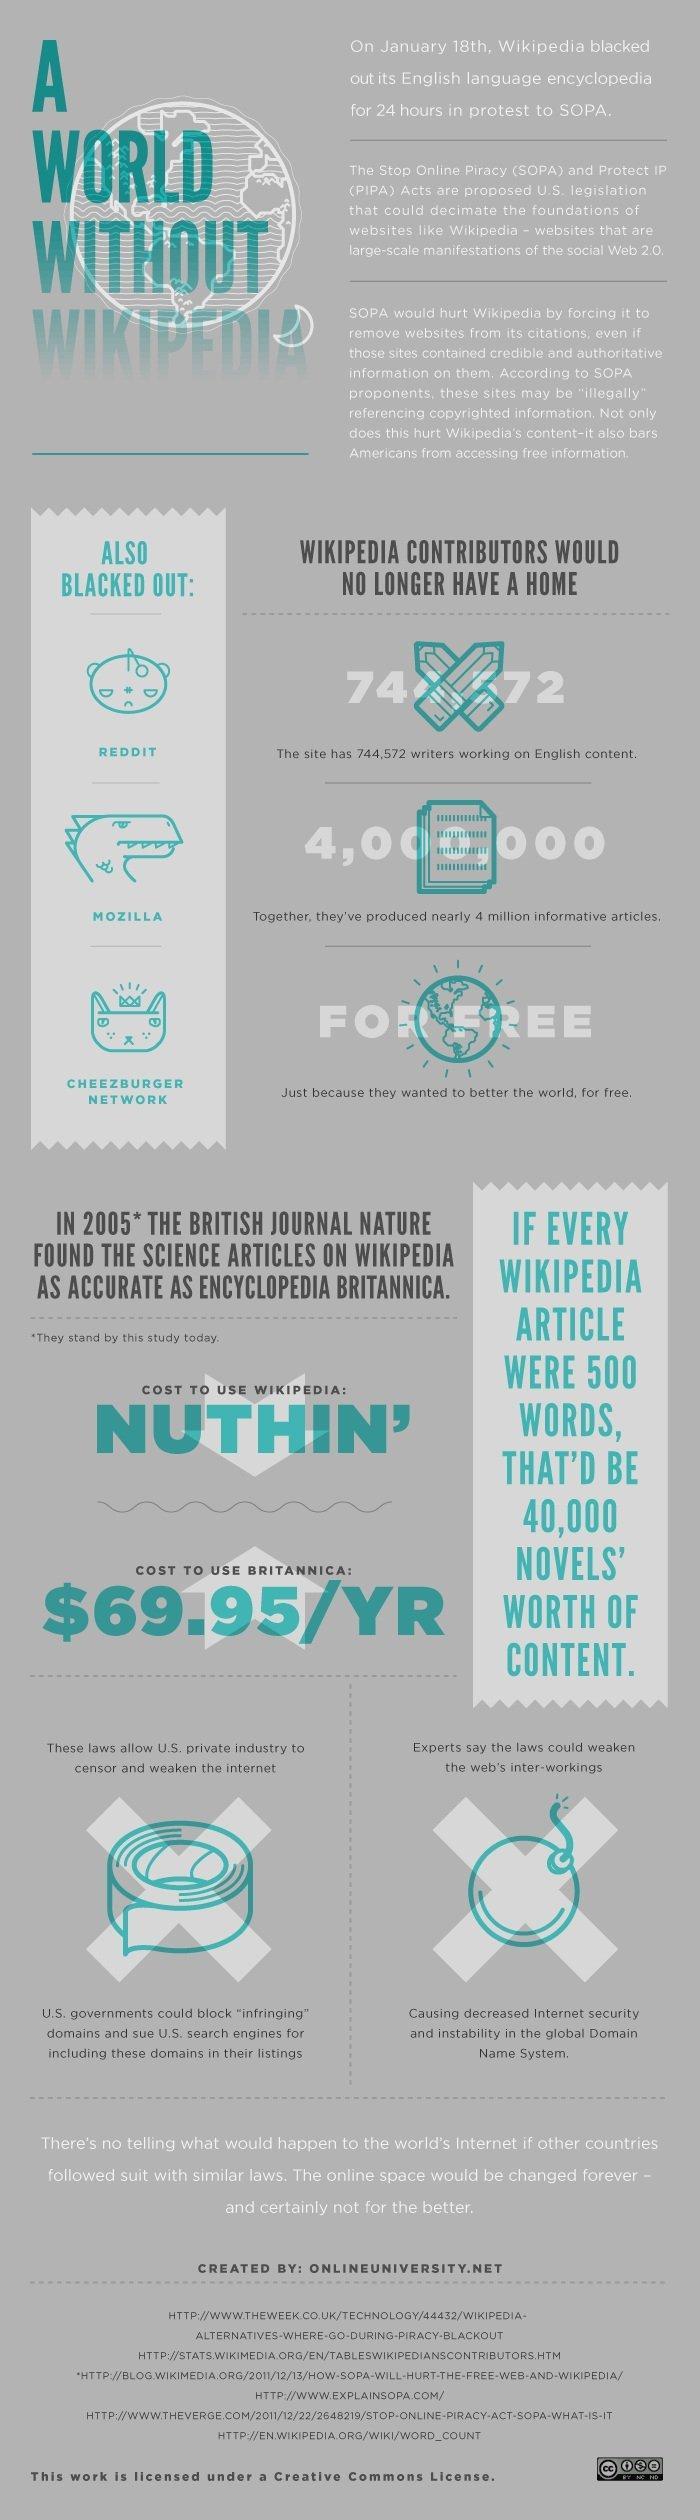 Un mondo senza Wikipedia